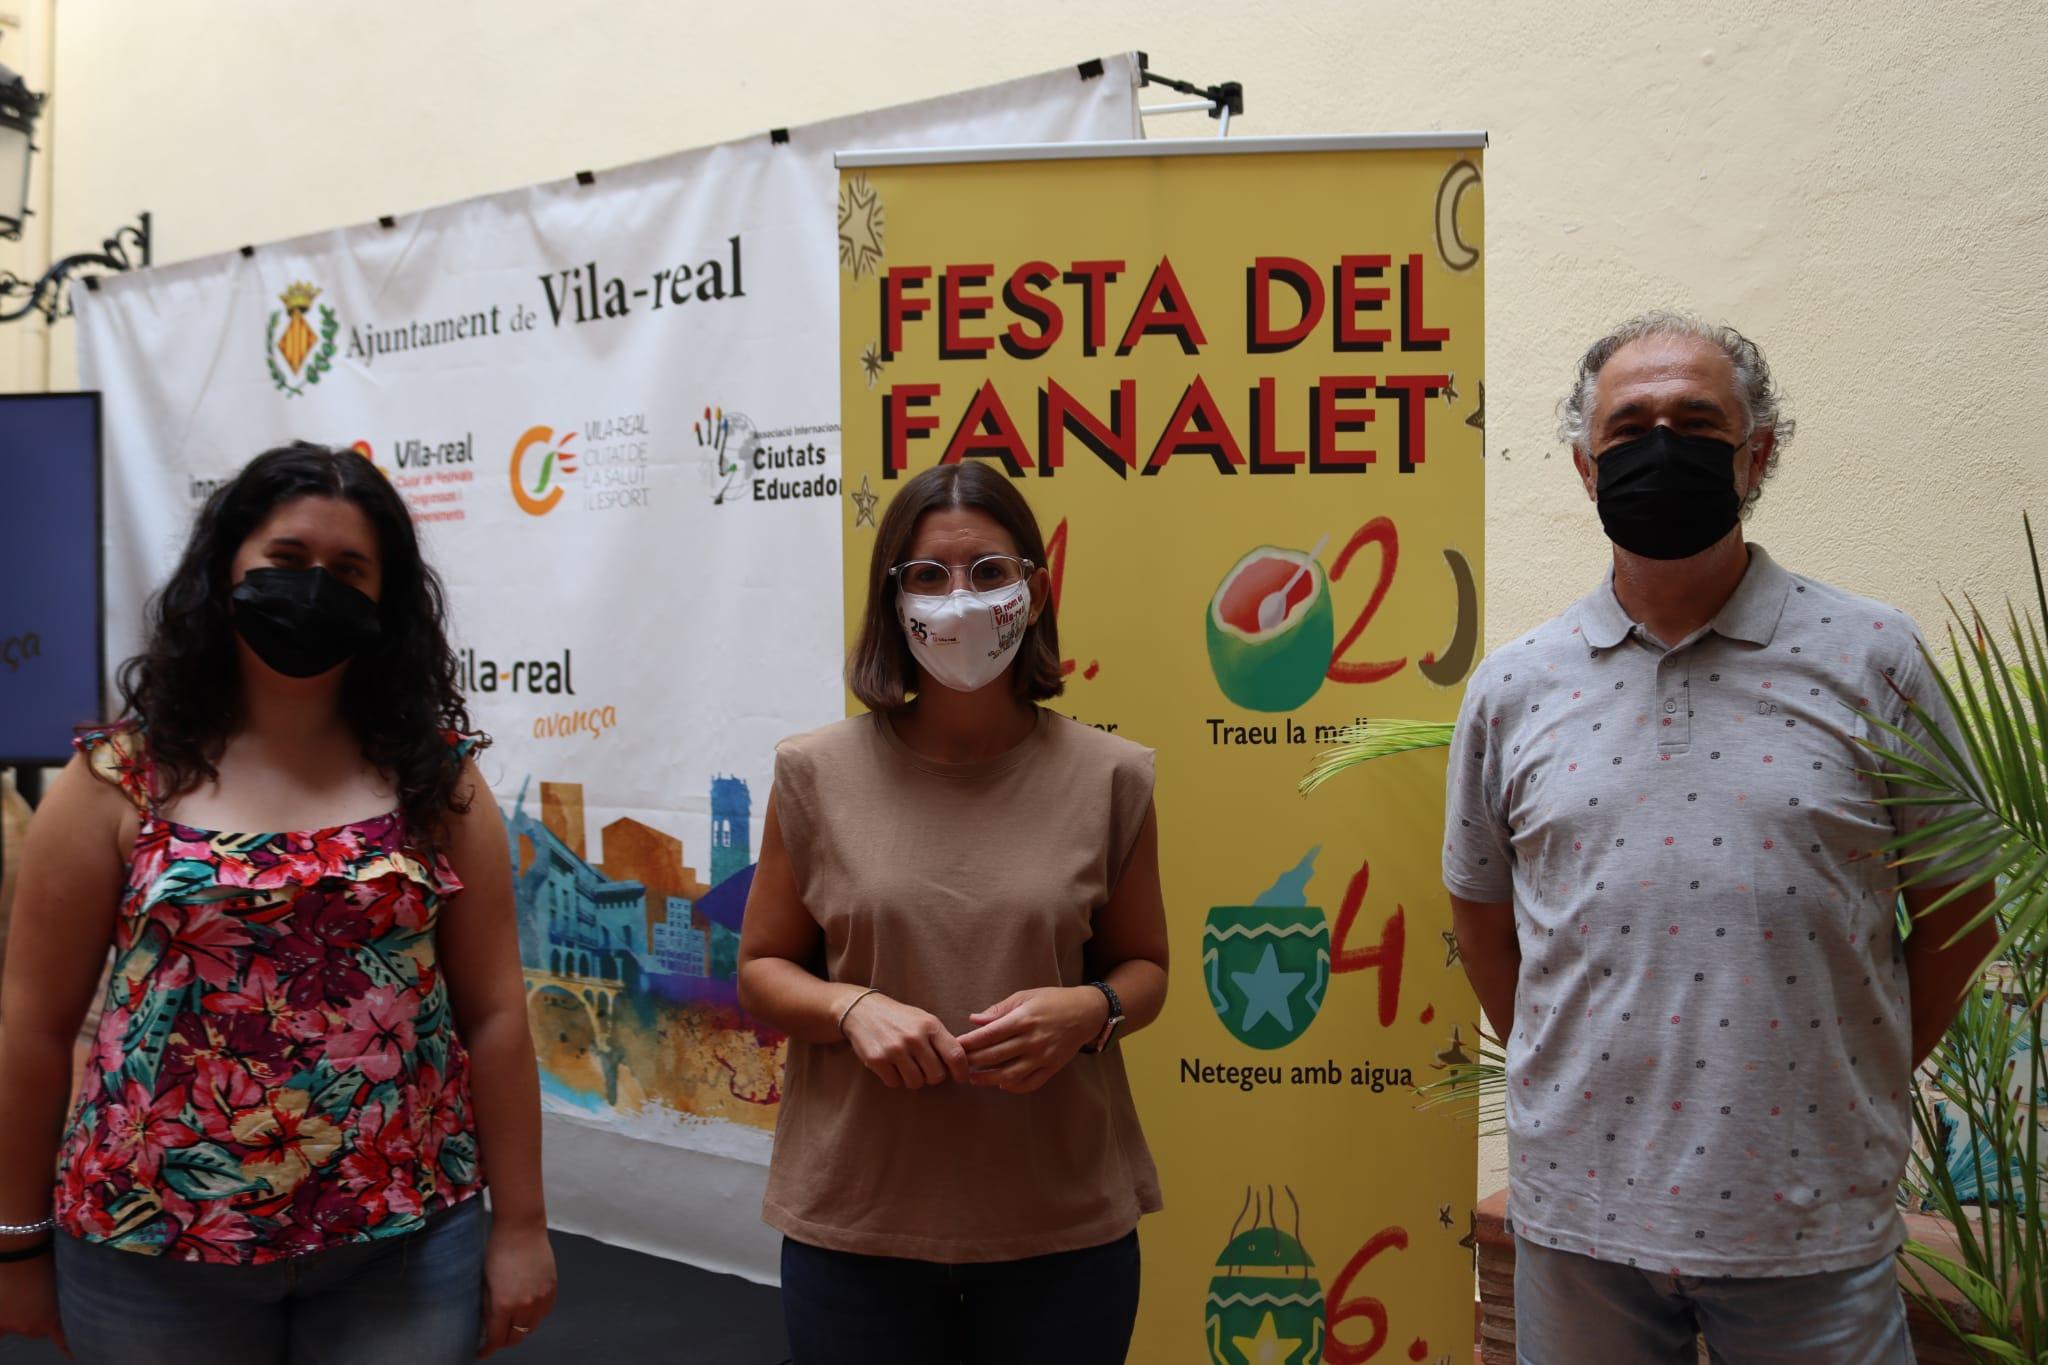 Tradiciones y El Raval 'salvan' la tradición del 'fanalet' con un tutorial para animar a la ciudadanía a revivir la fiesta del sereno